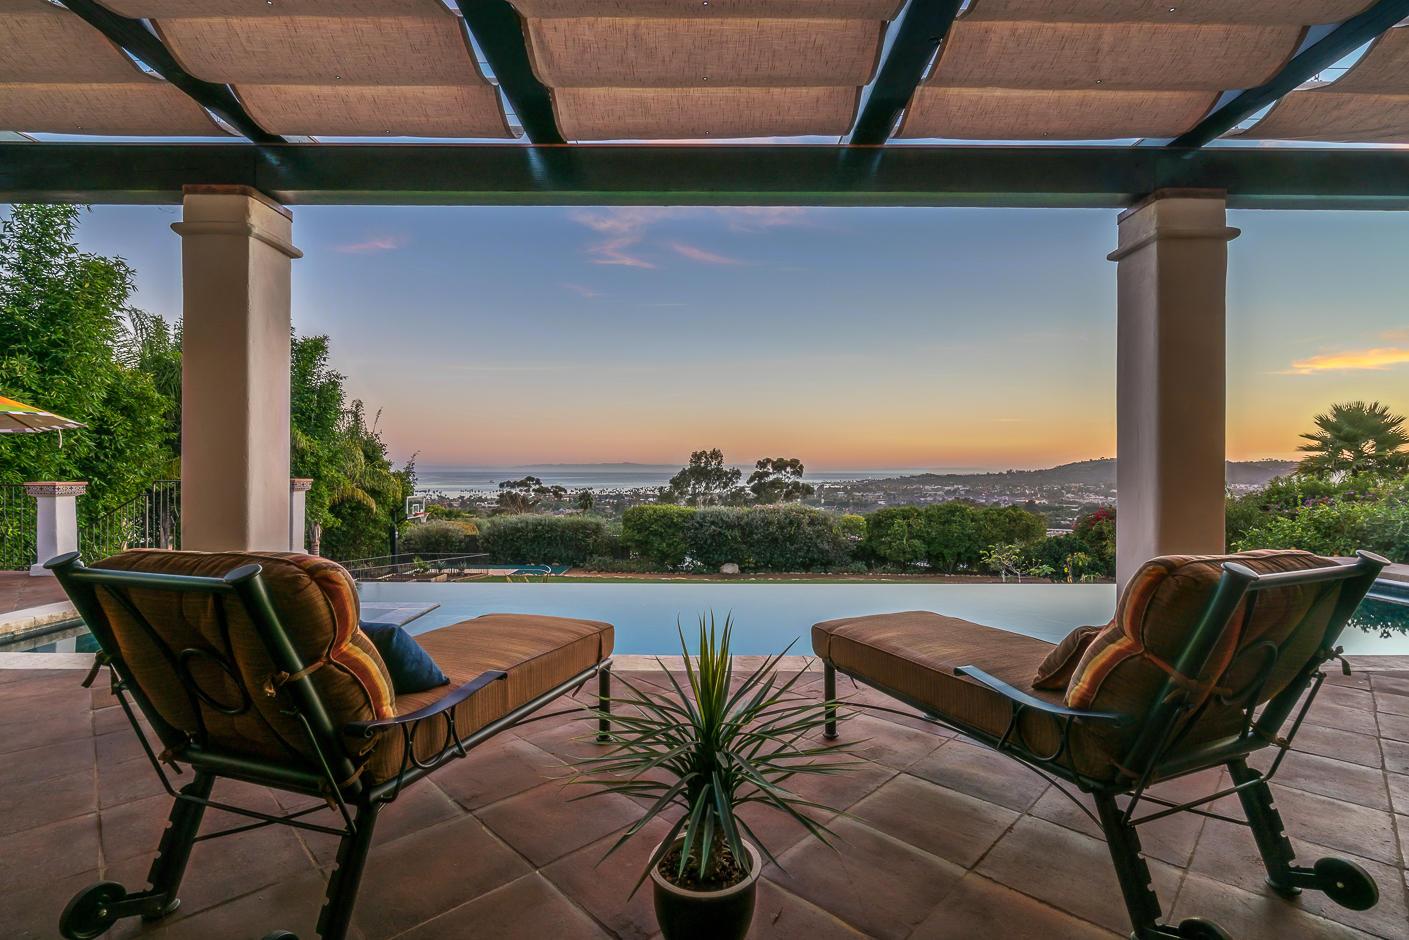 Property photo for 1540 Knoll Circle Dr Santa Barbara, California 93103 - 18-3920